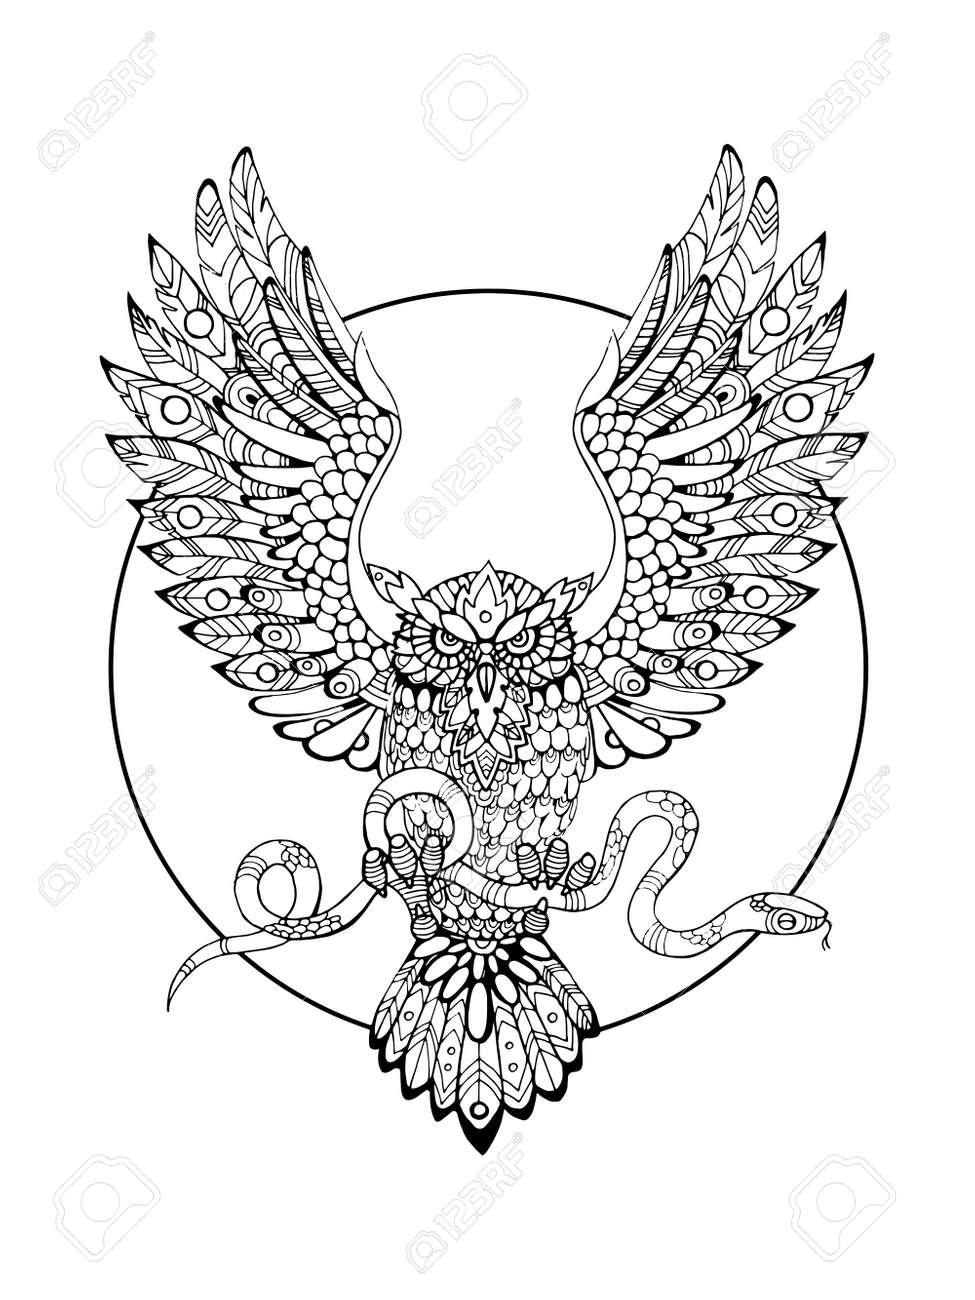 大人ベクトル イラストの塗り絵蛇と鳥はフクロウ入れ墨のステンシル